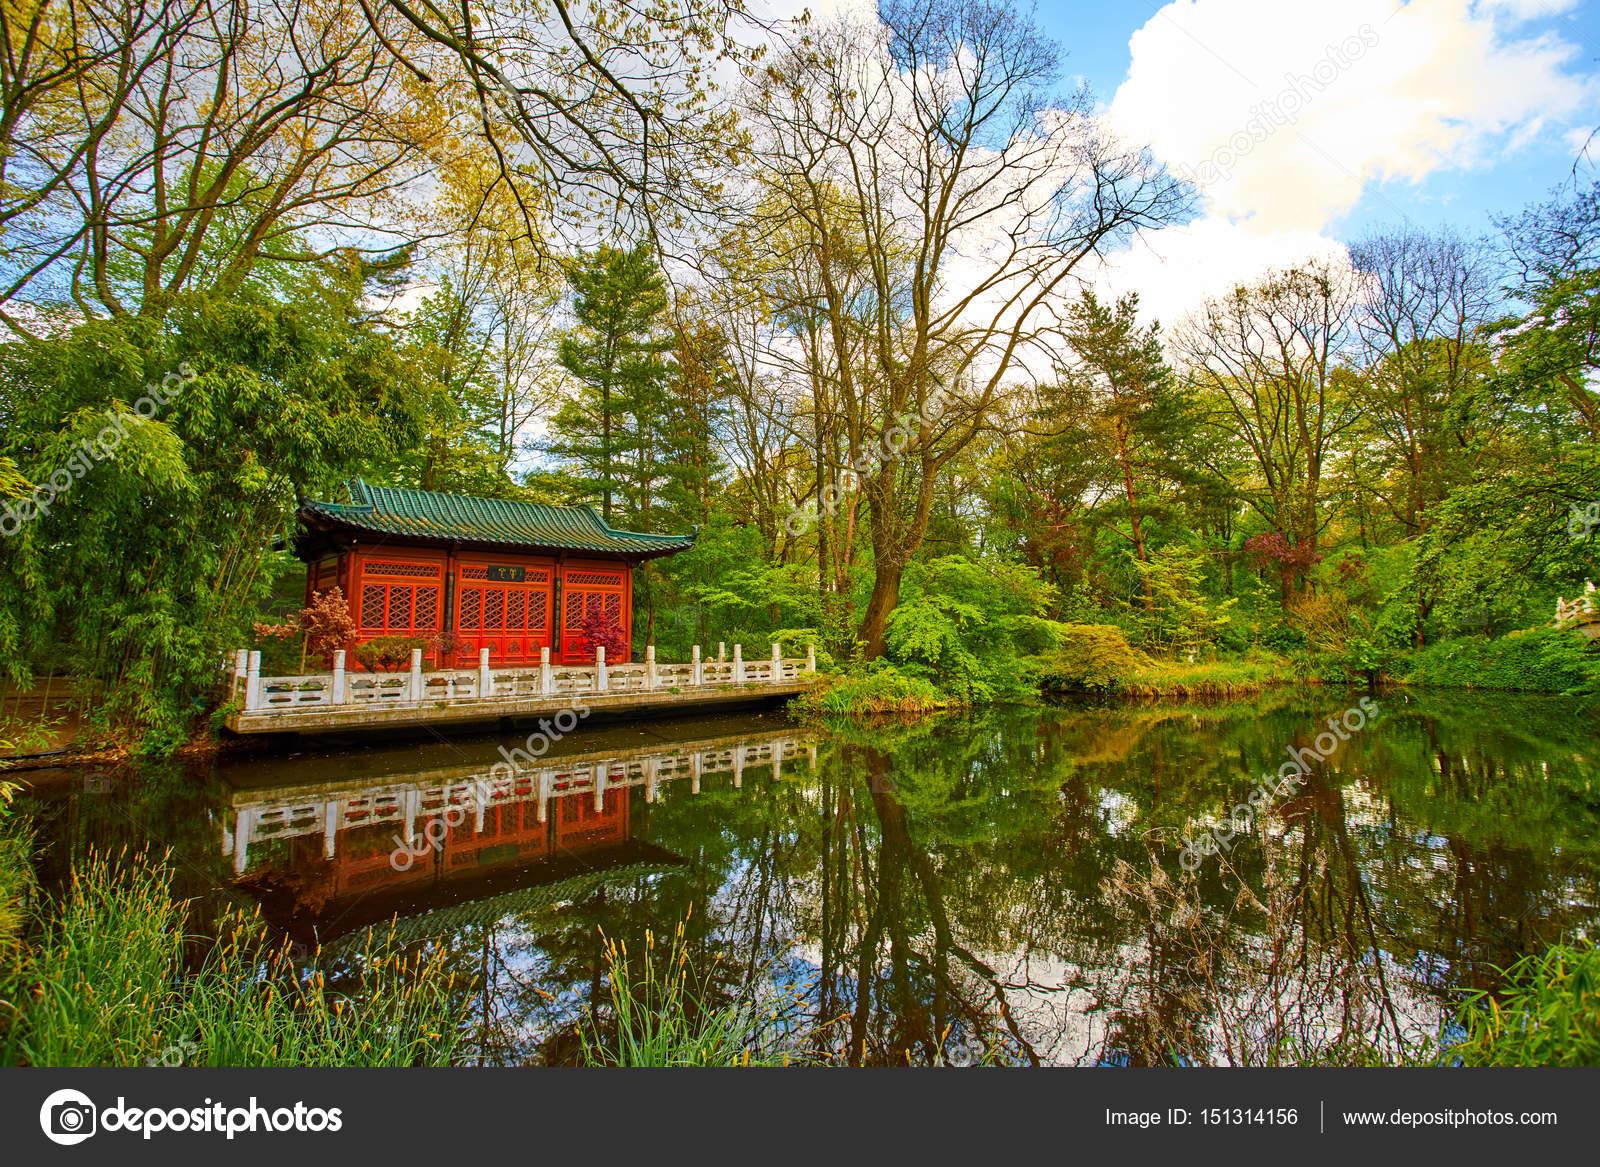 Jardin japonais jardin asiatique avec un tang photographie ewastudio 151314156 - Jardin asiatique ...